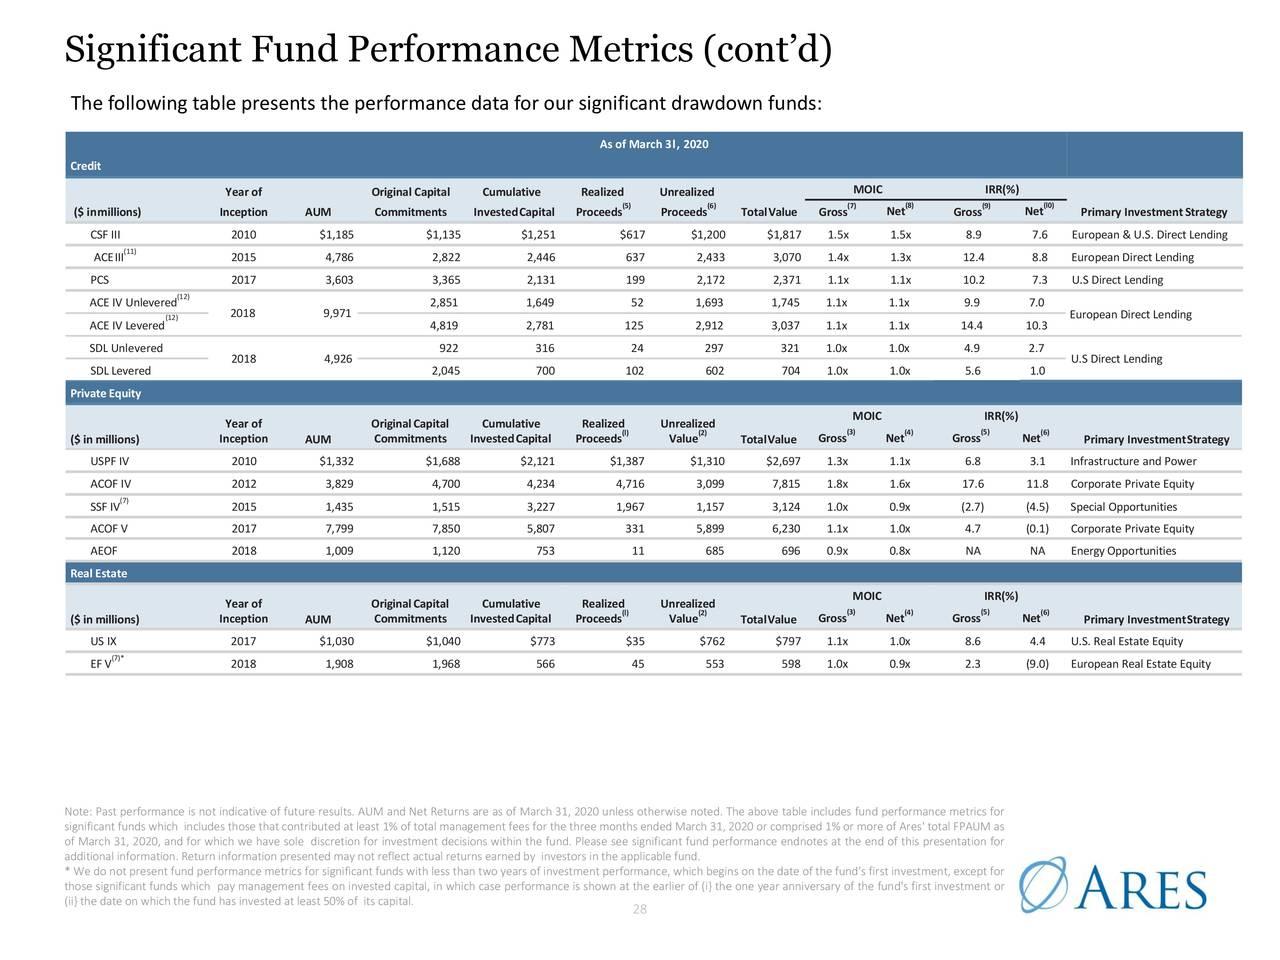 Métricas significativas de rendimiento del fondo (cont.)